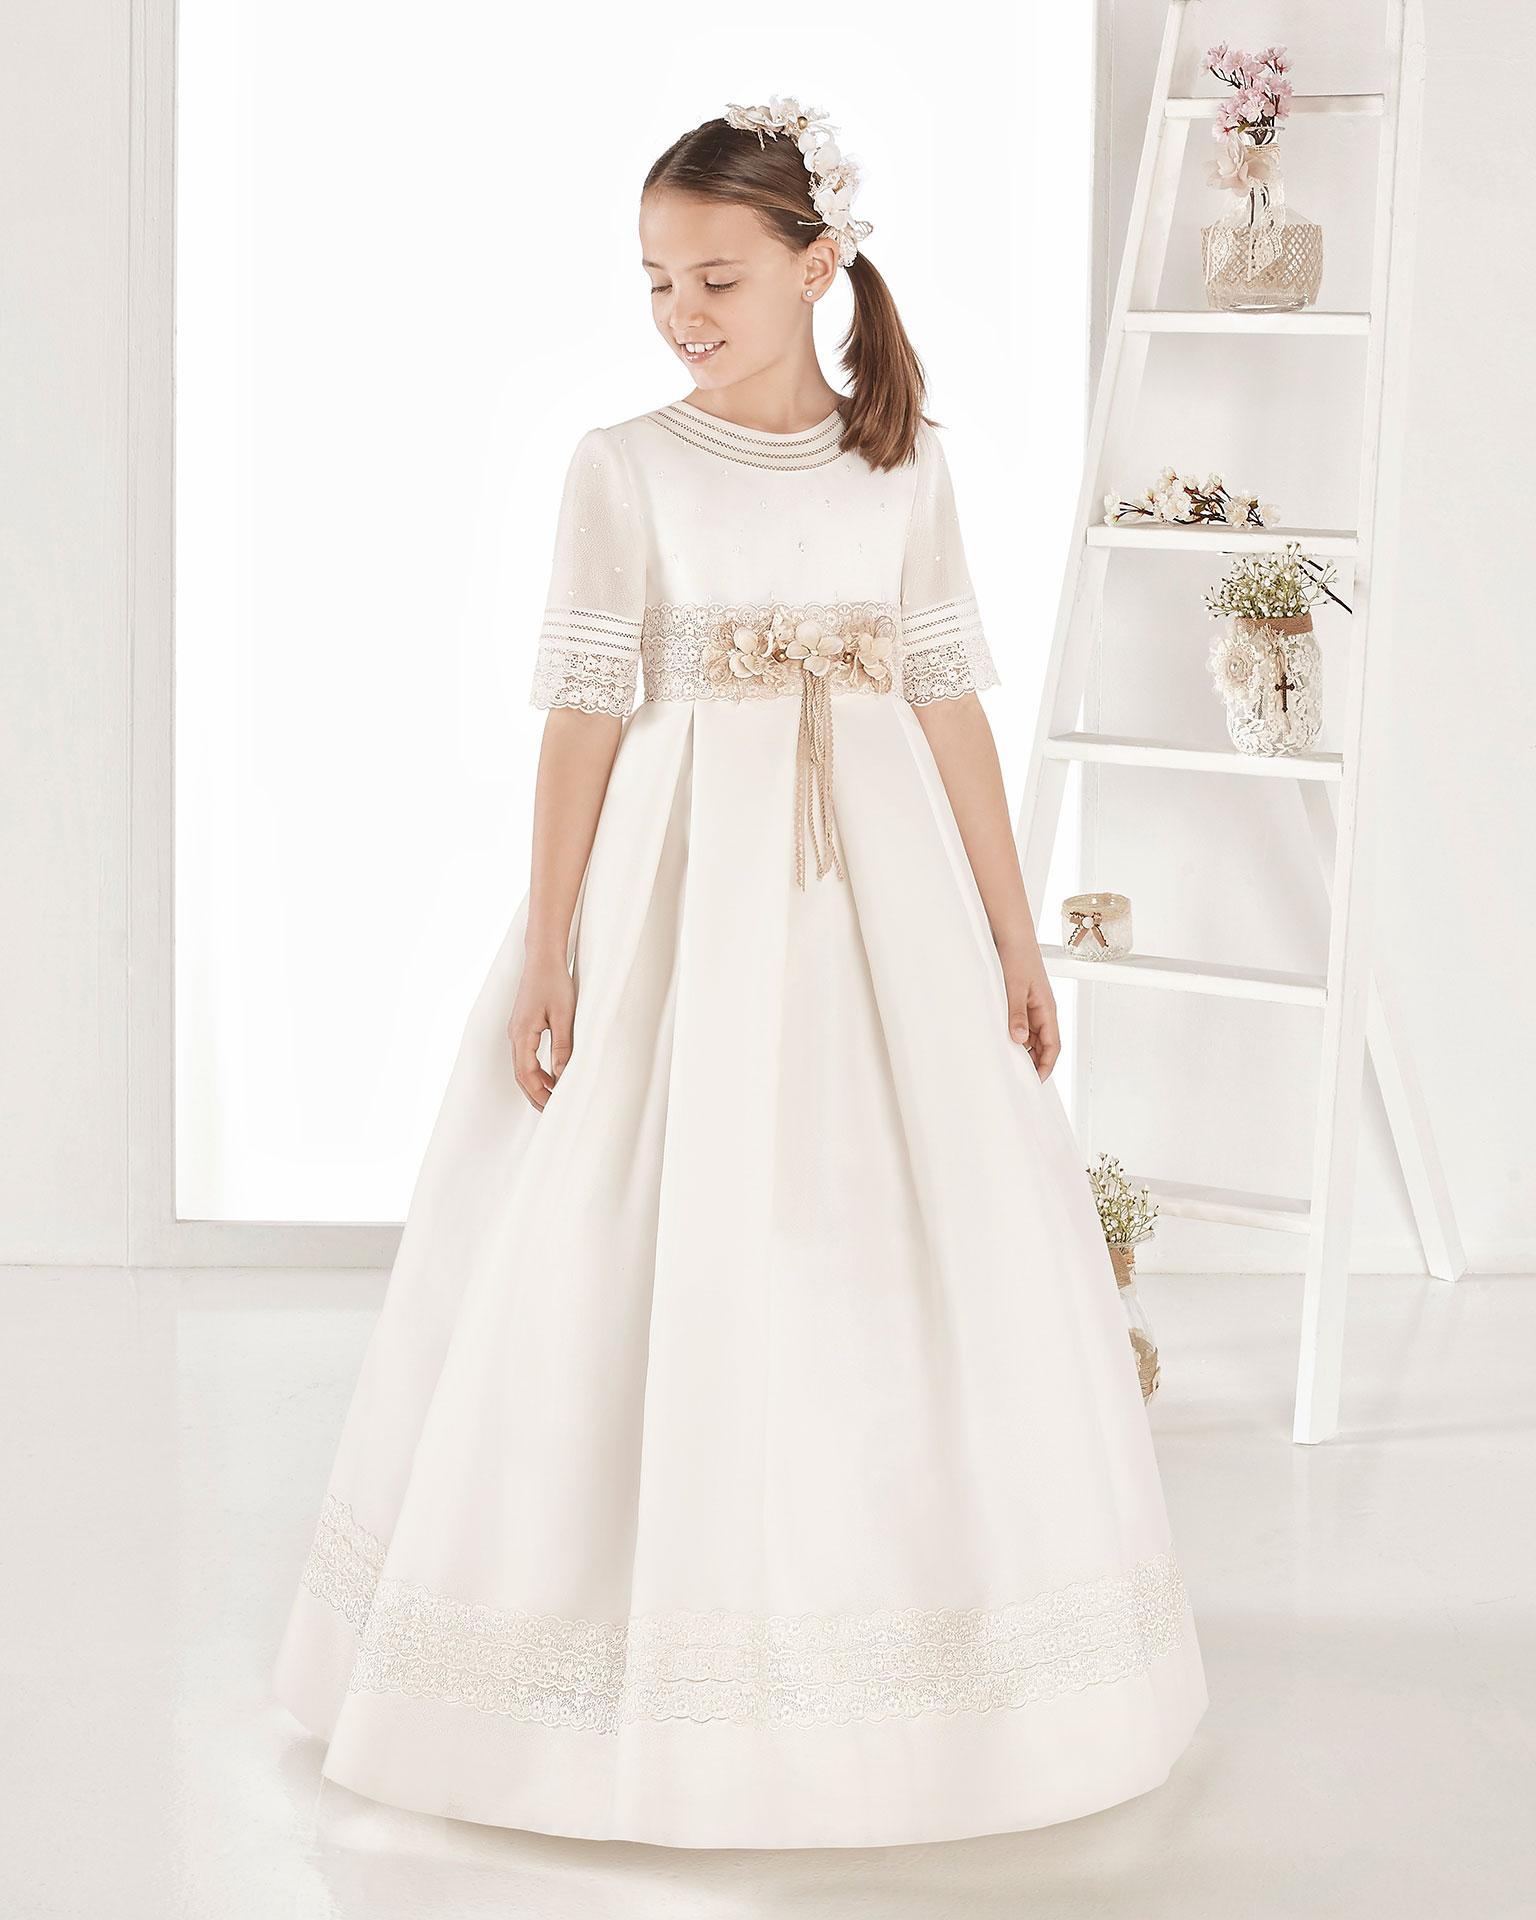 Robe de communion style classique en natté. Avec taille basse. Disponible en couleur ivoire. Collection AIRE COMUNION 2019.